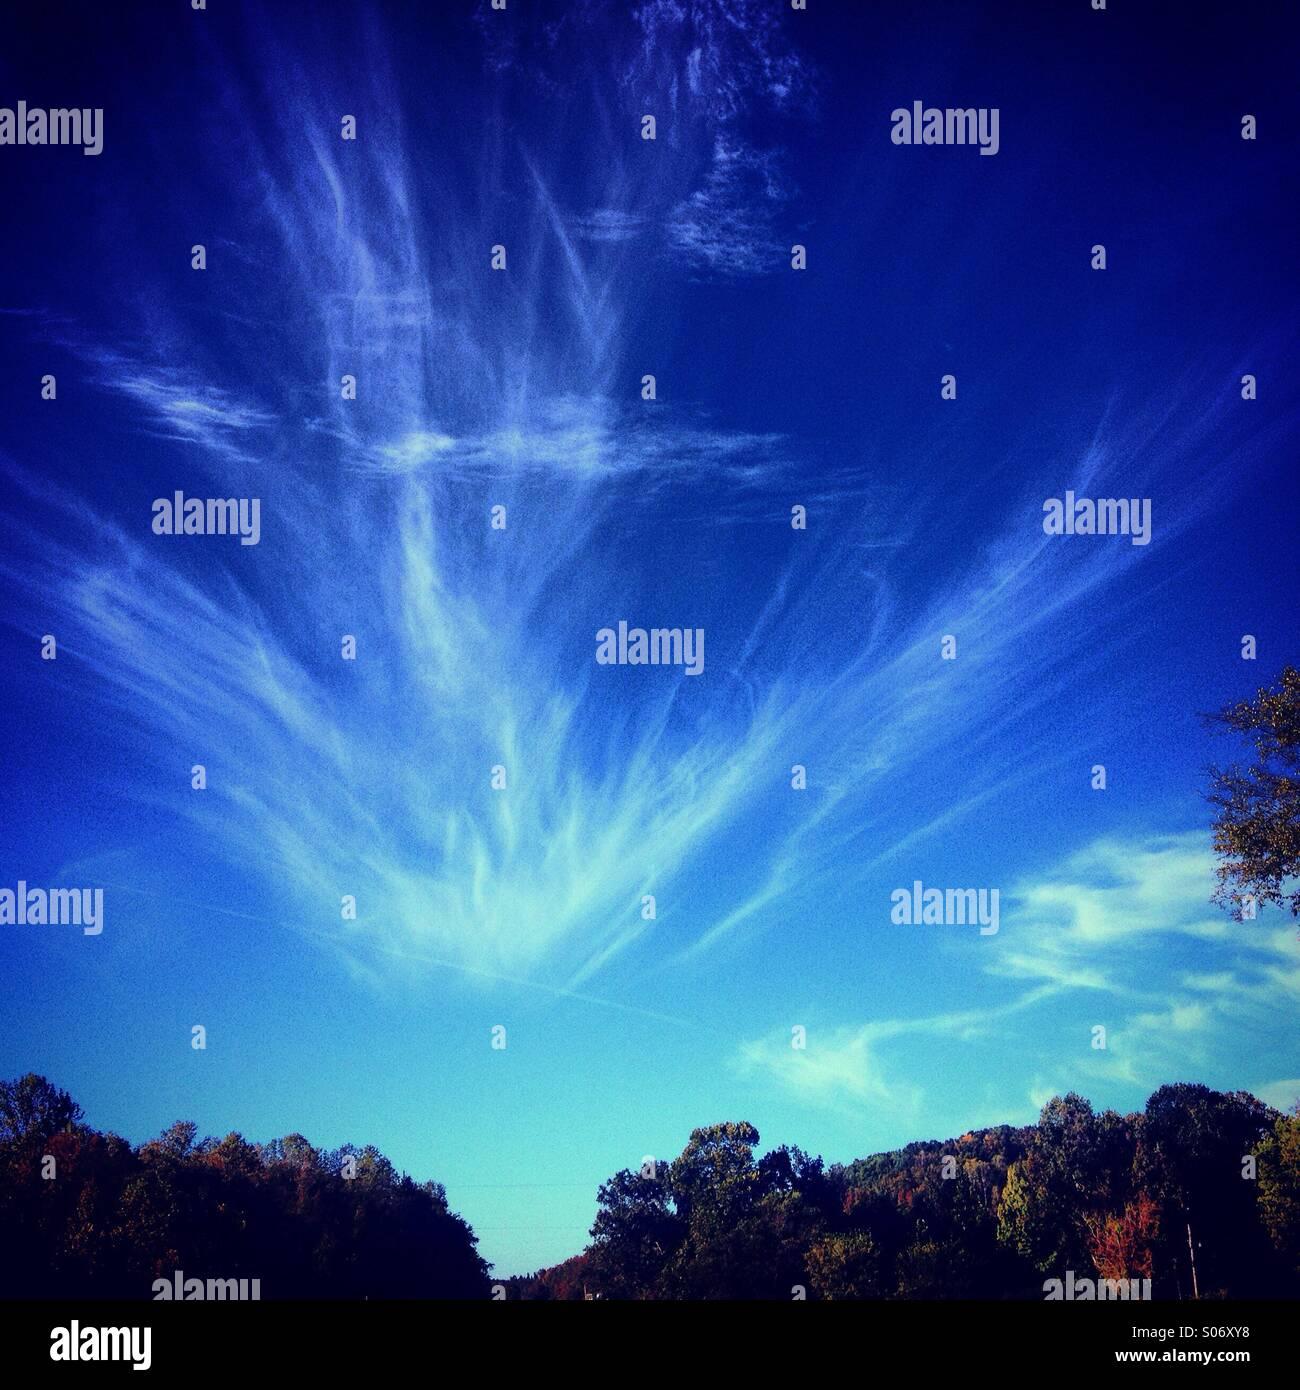 Angeli del Cielo Immagini Stock